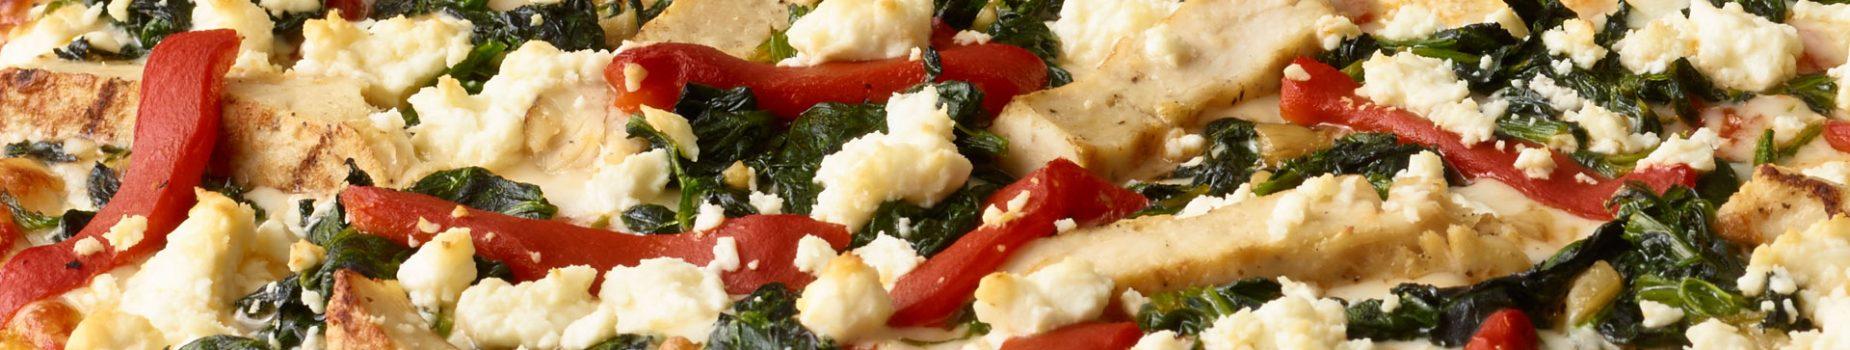 PN_Classic_PizzaPollo_1920x1440